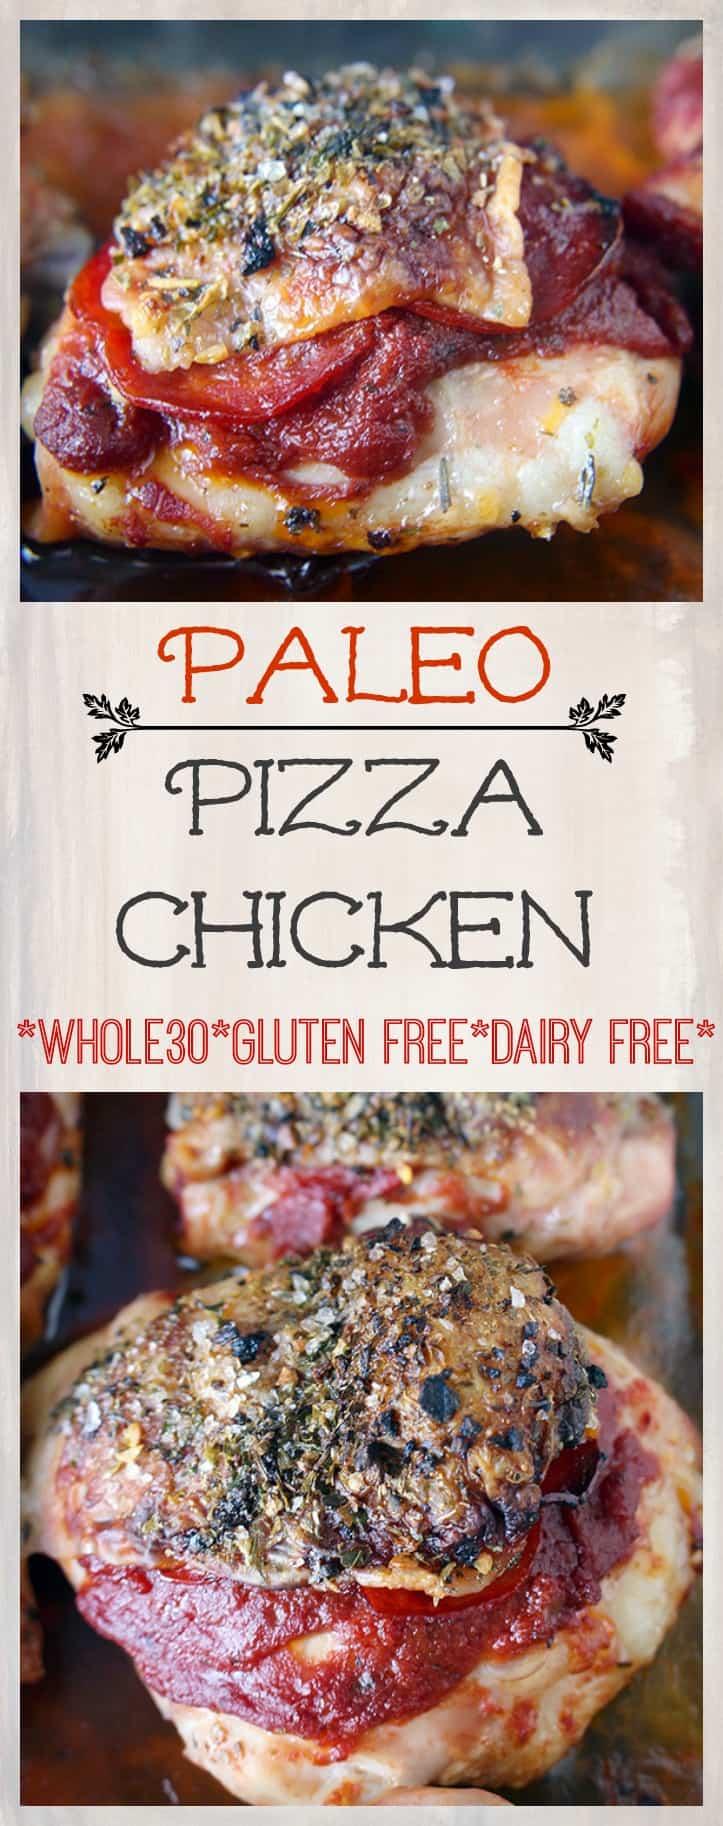 Paleo Pizza Chicken